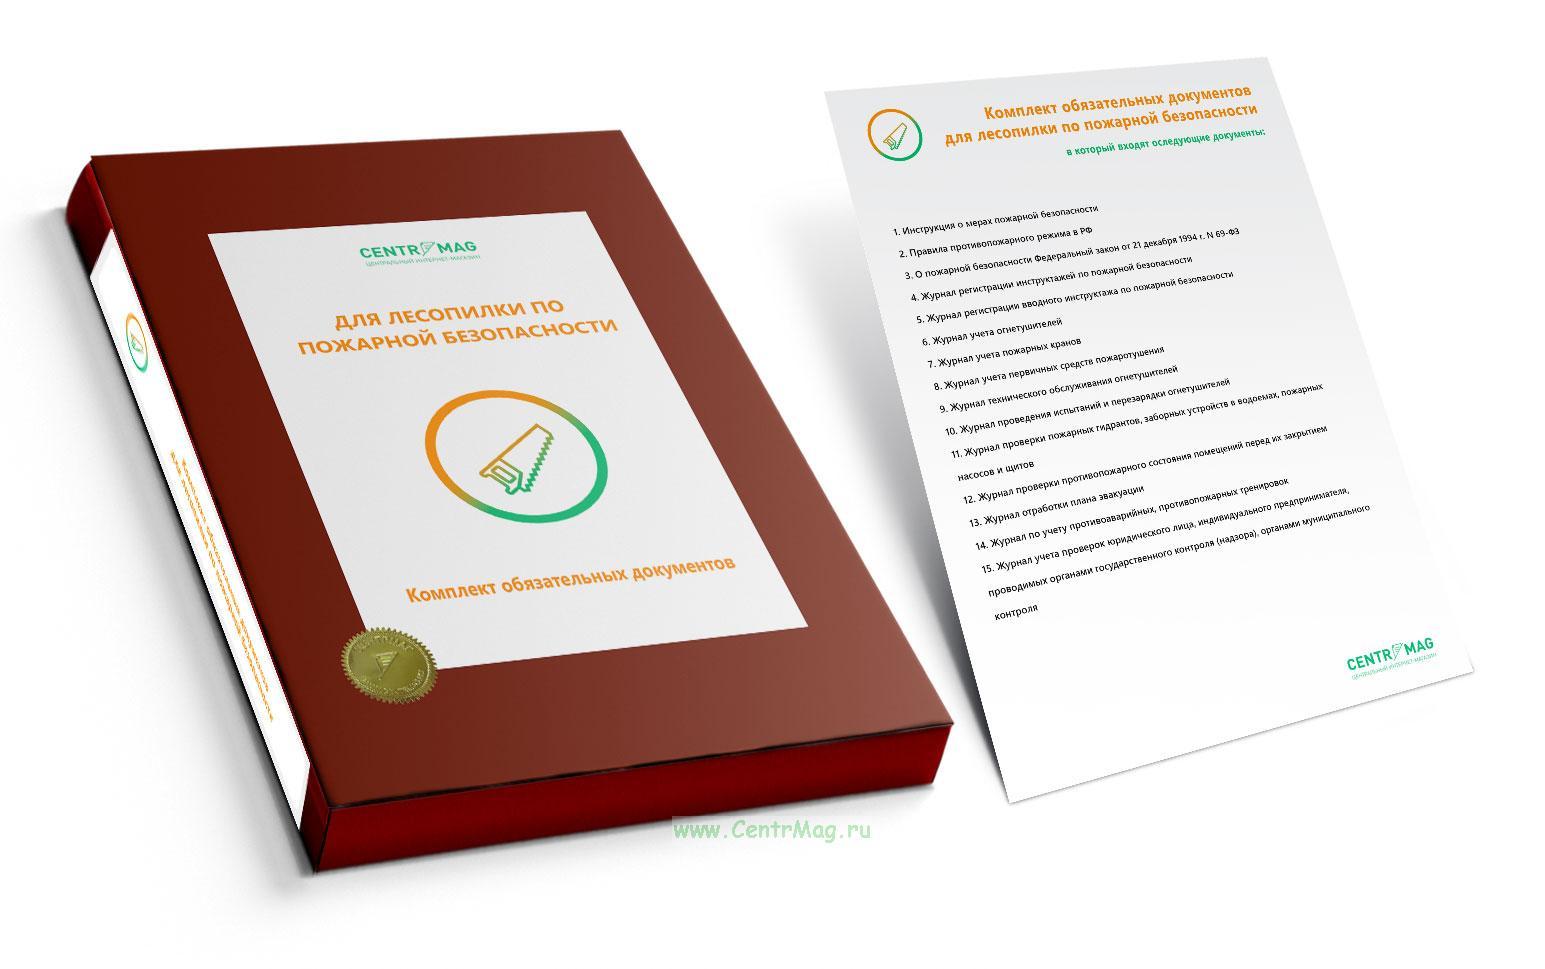 Комплект обязательных документов для лесопилки по пожарной безопасности